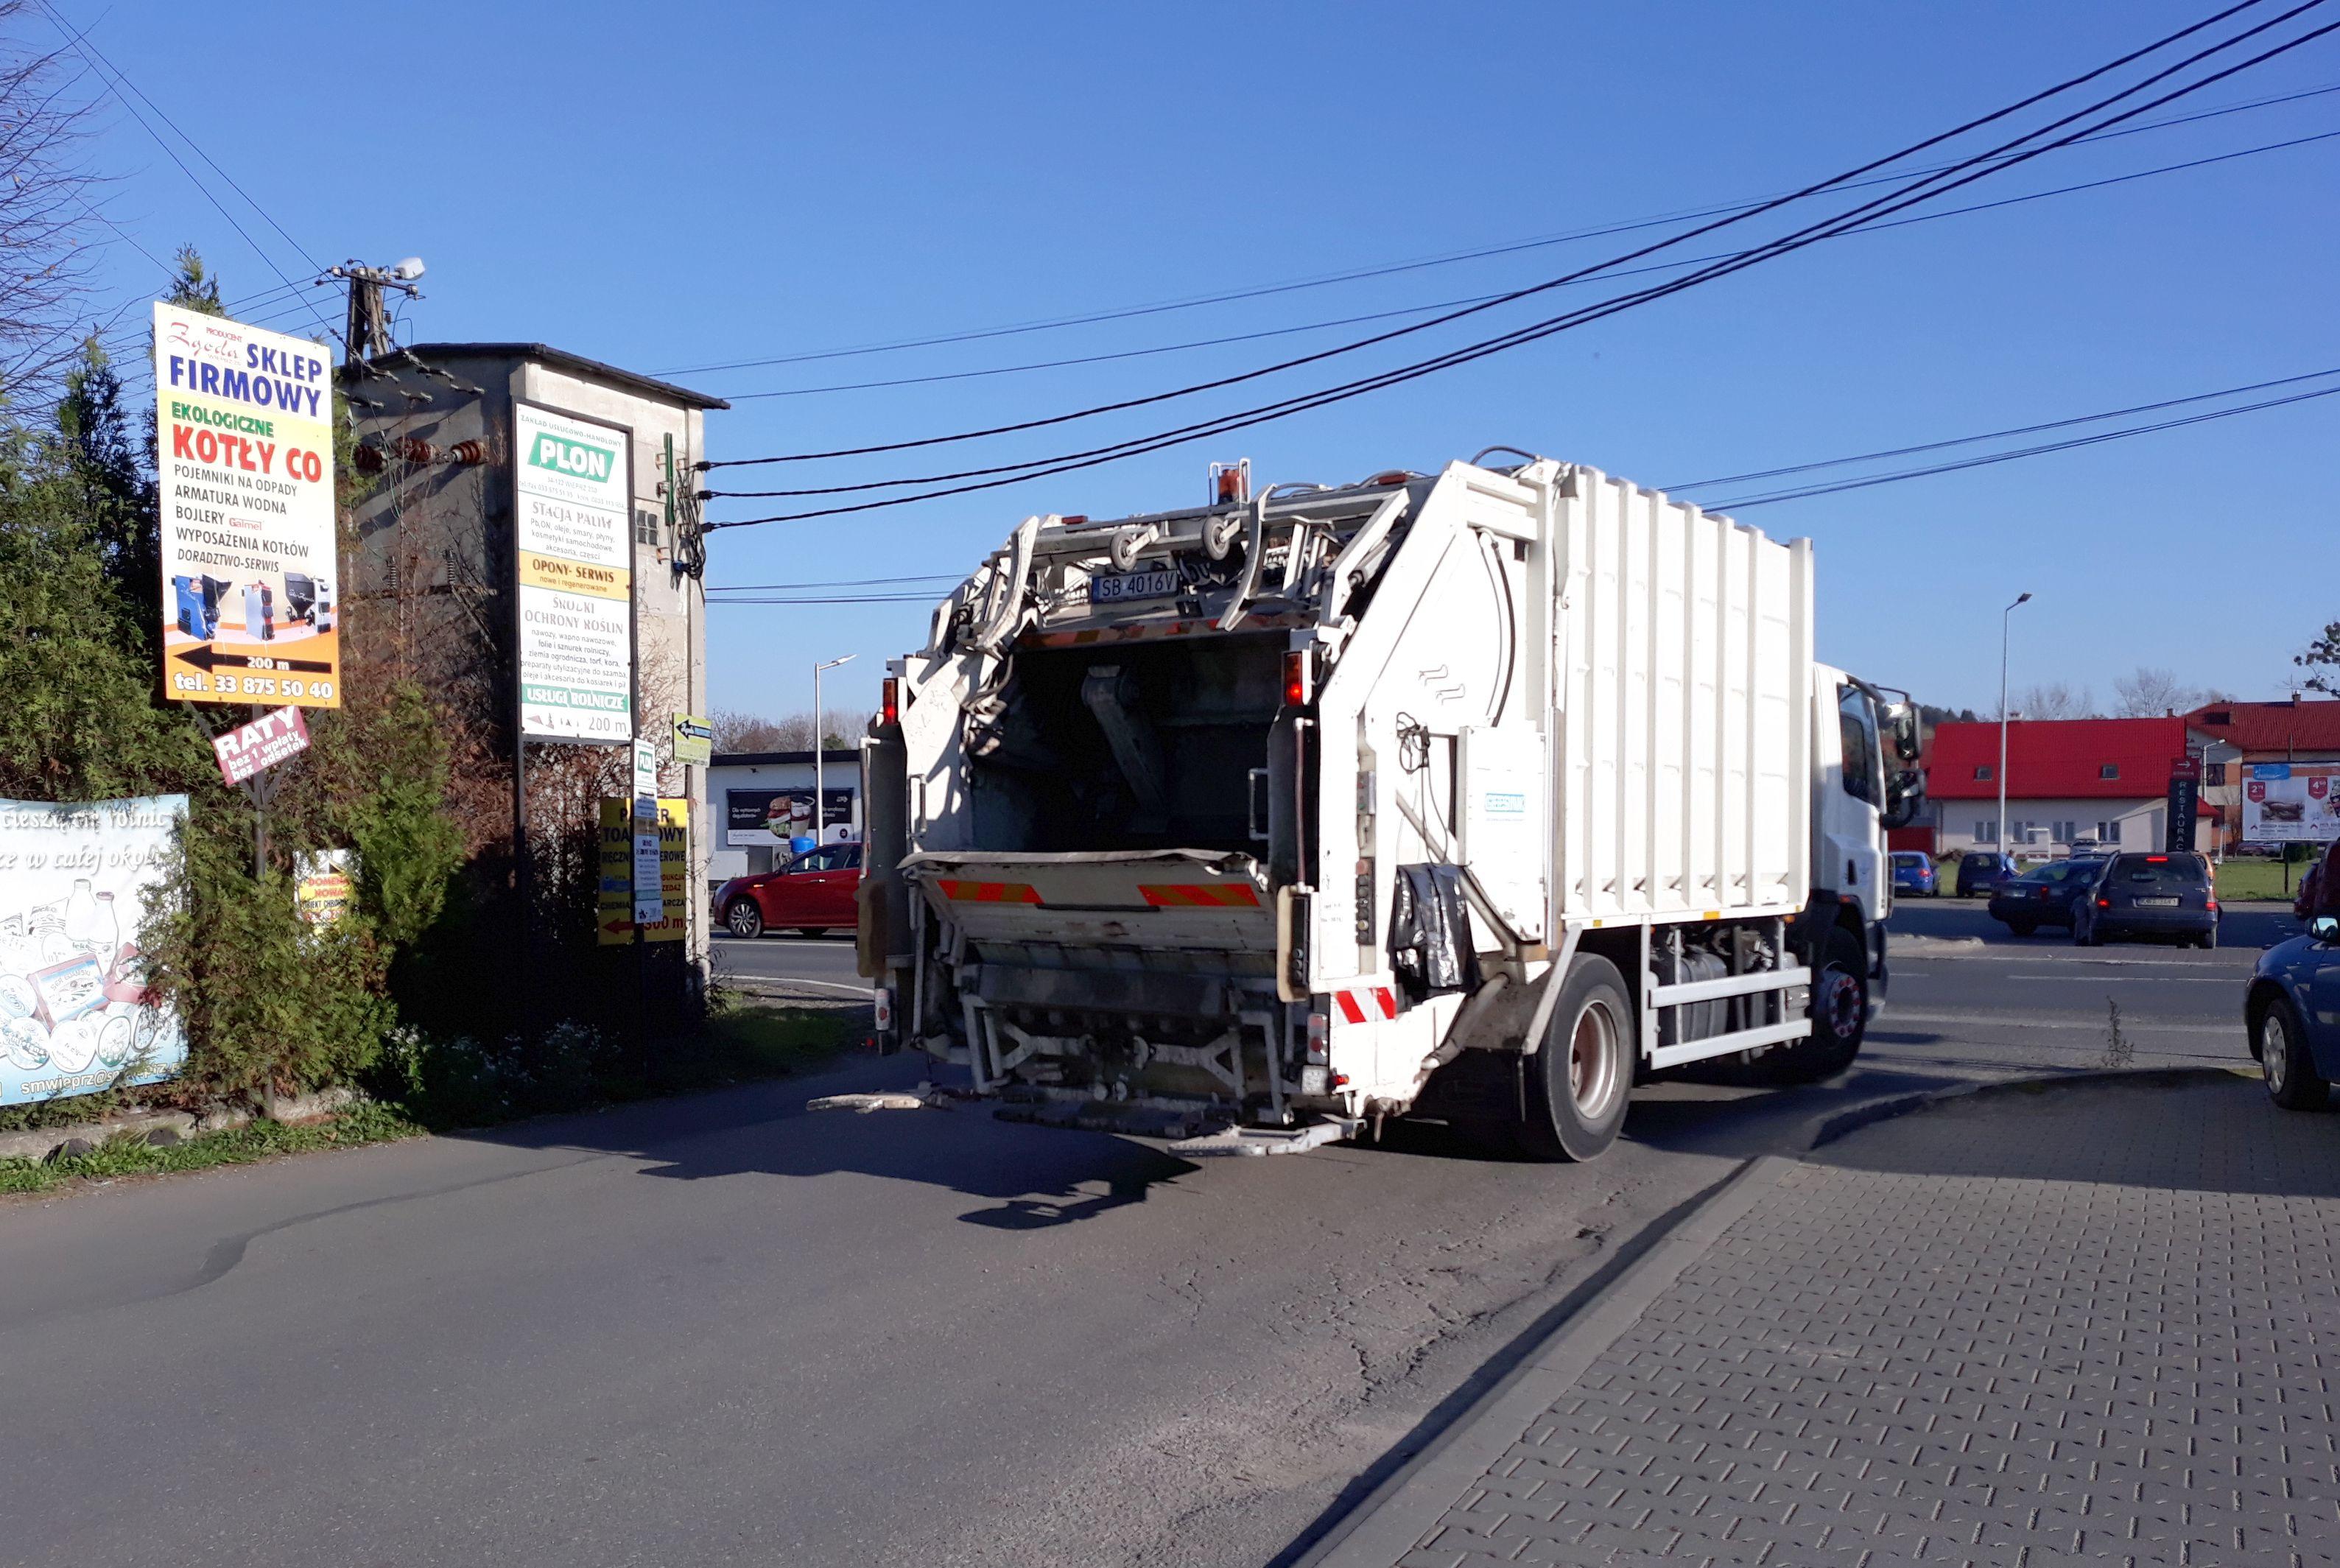 Sprawa opłat za śmieci w Andrychowie jeszcze nie przesądzona. Czy będzie podwyżka?